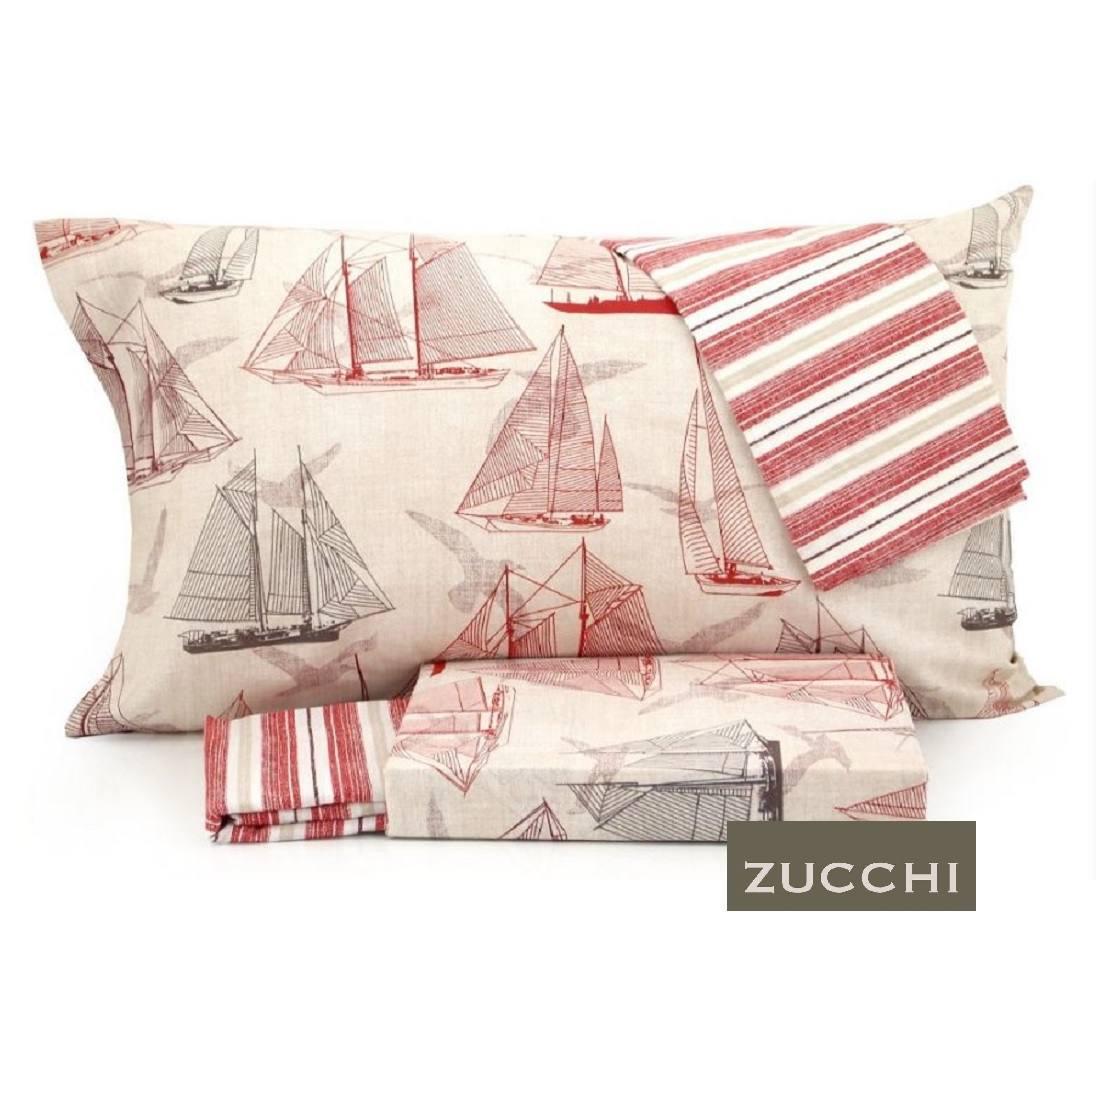 Lenzuola zucchi piazza e mezza sailboat 2 federe prezzo for Lenzuola zucchi